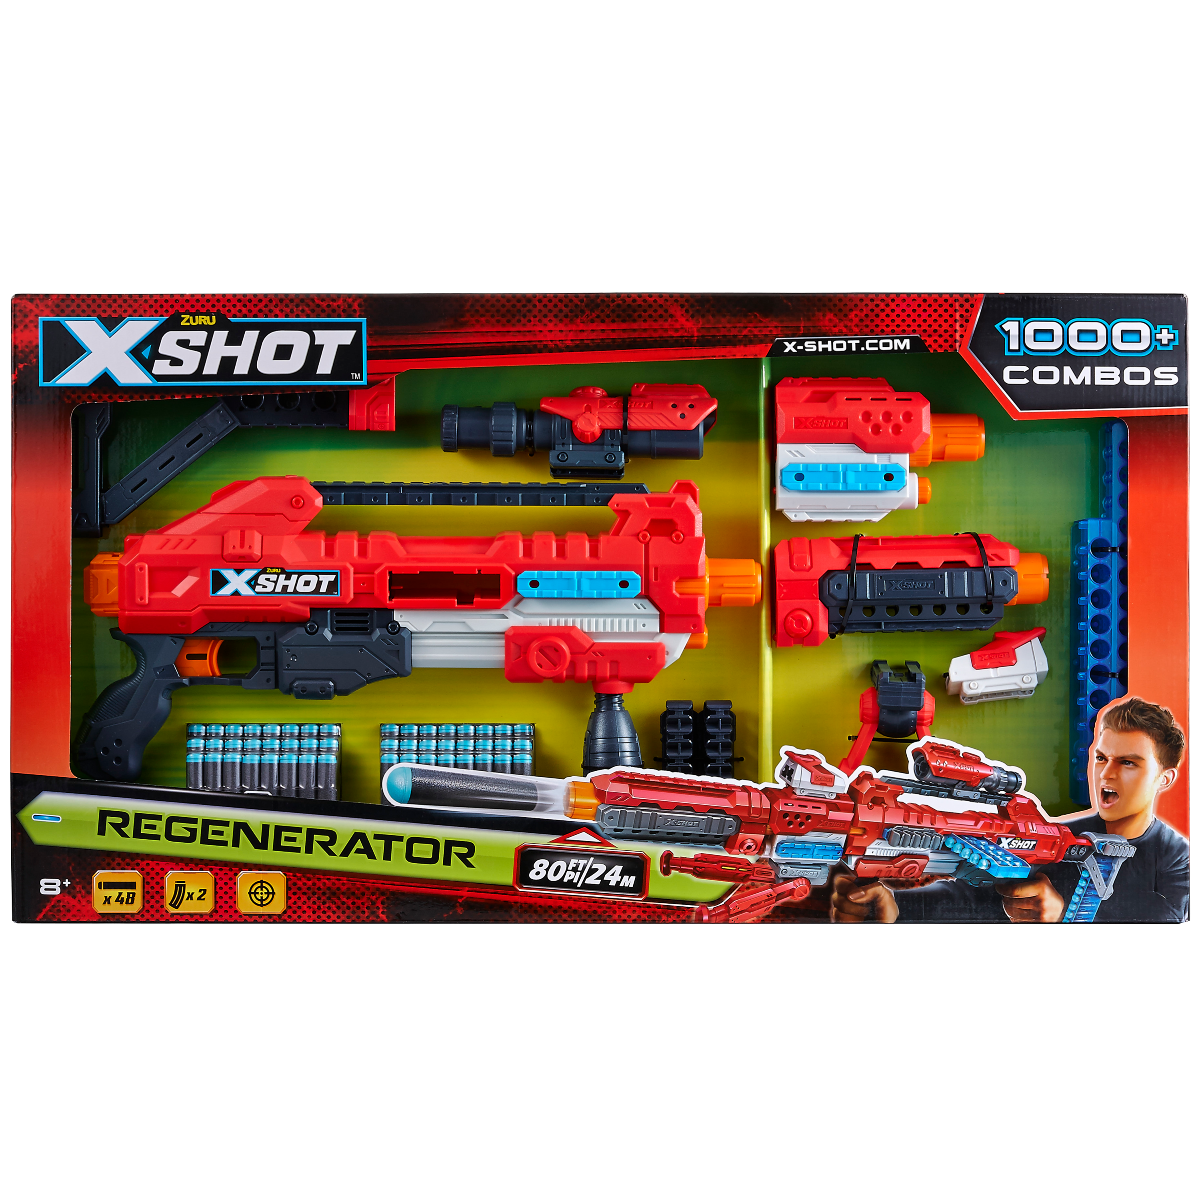 Pusca cu gloante X-Shot Excel Clip Blaster Regenerator